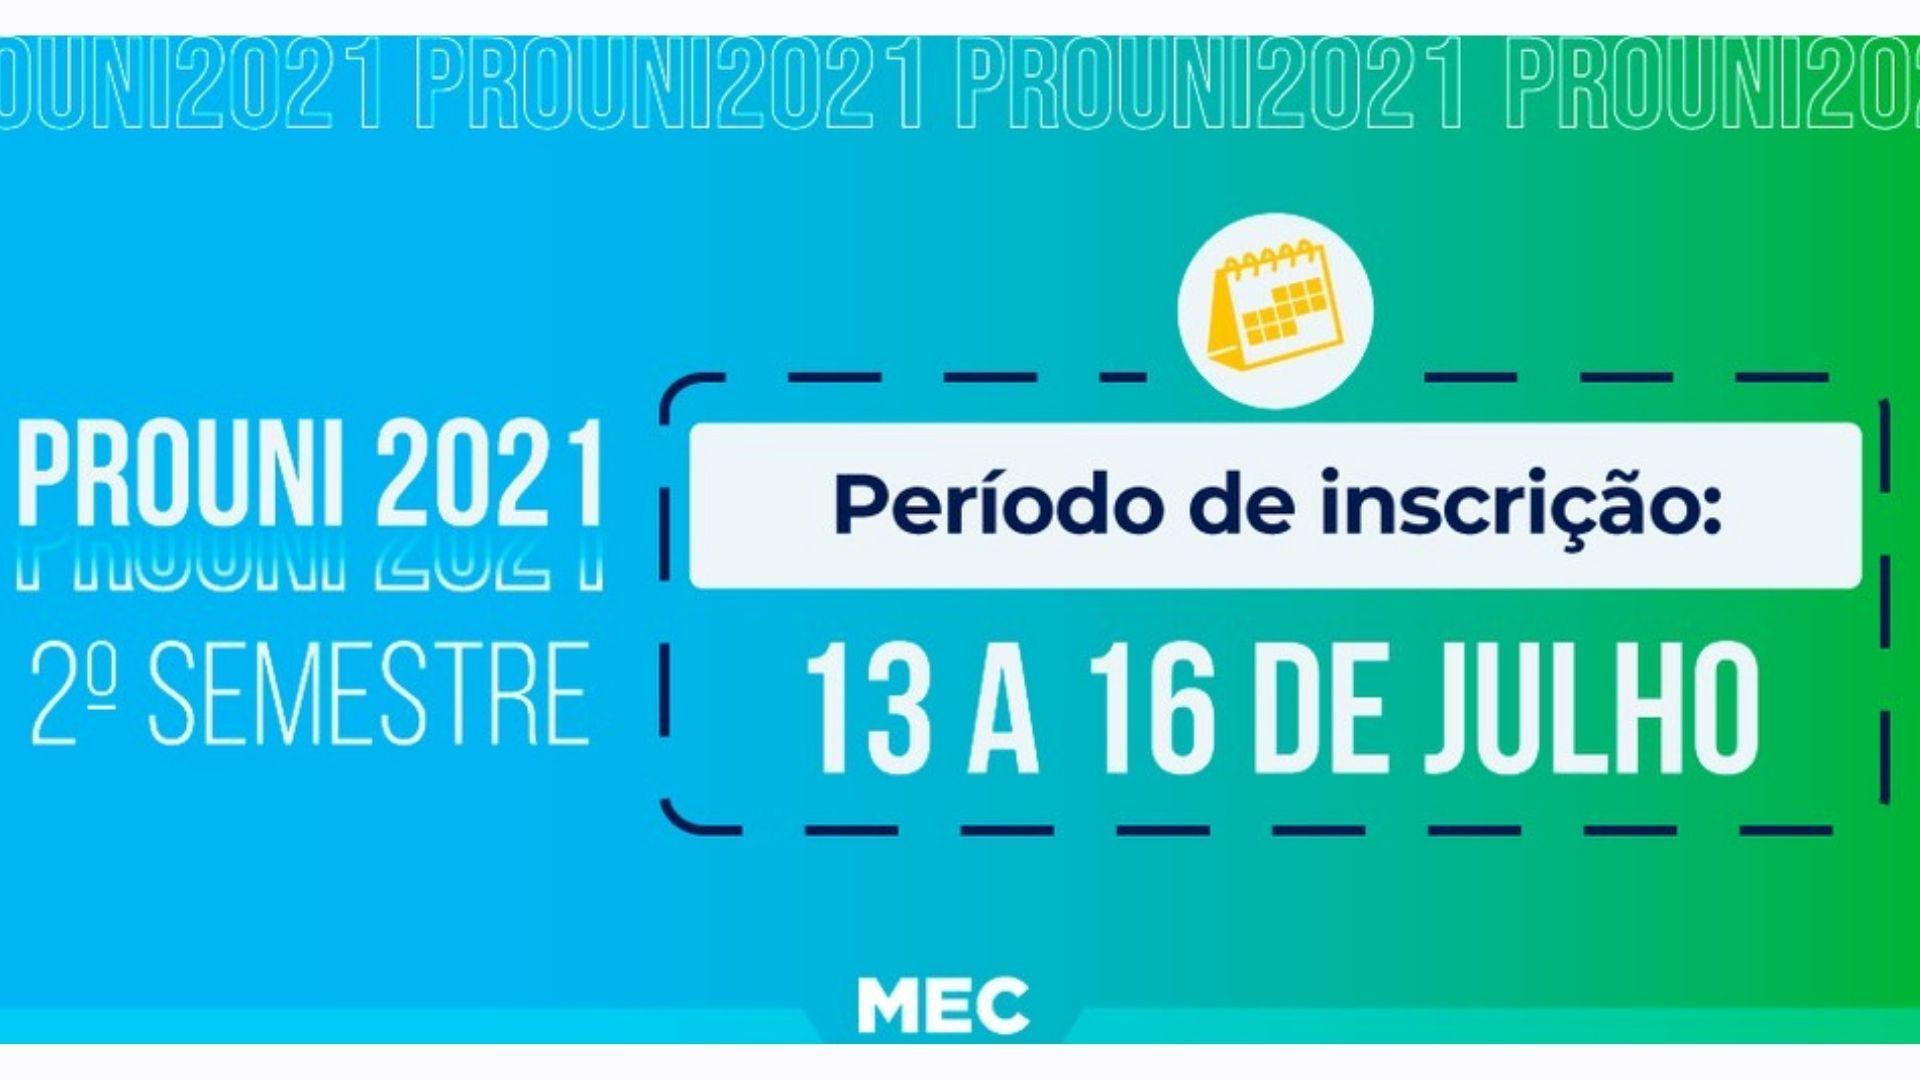 O segundo semestre terá uma nova rodada para inscrições ProUni 2021 (Fonte: Divulgação/MEC)